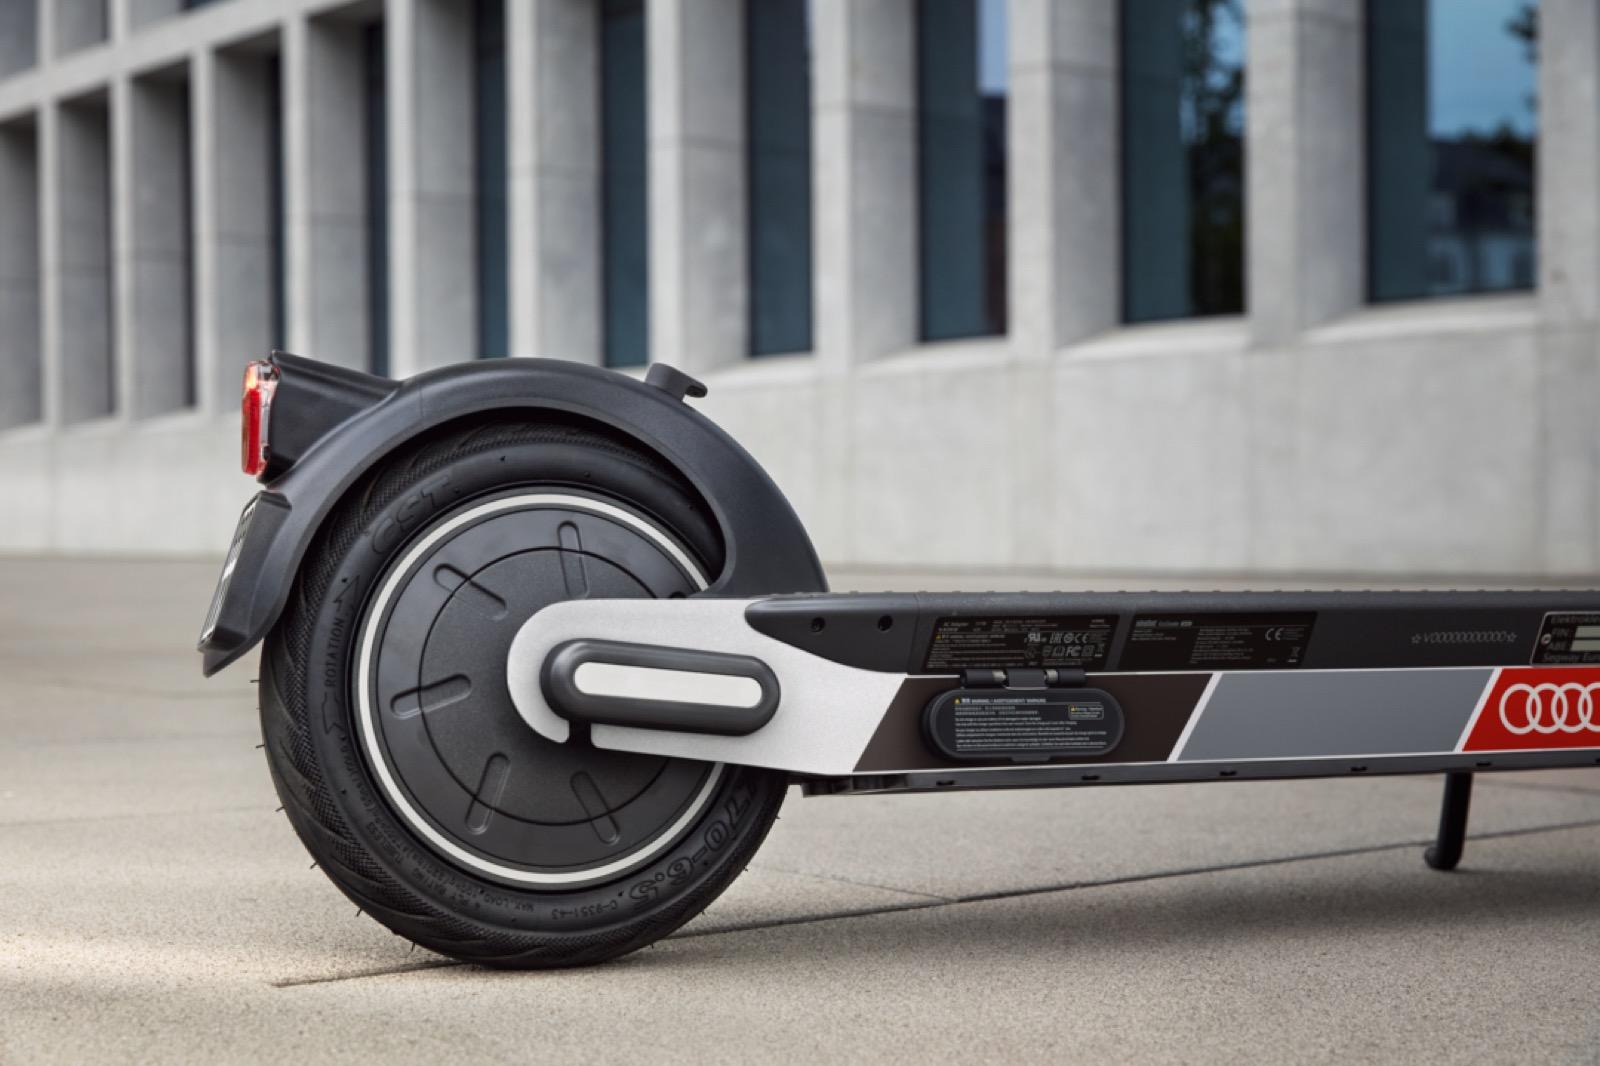 Audi Kickscooter 4